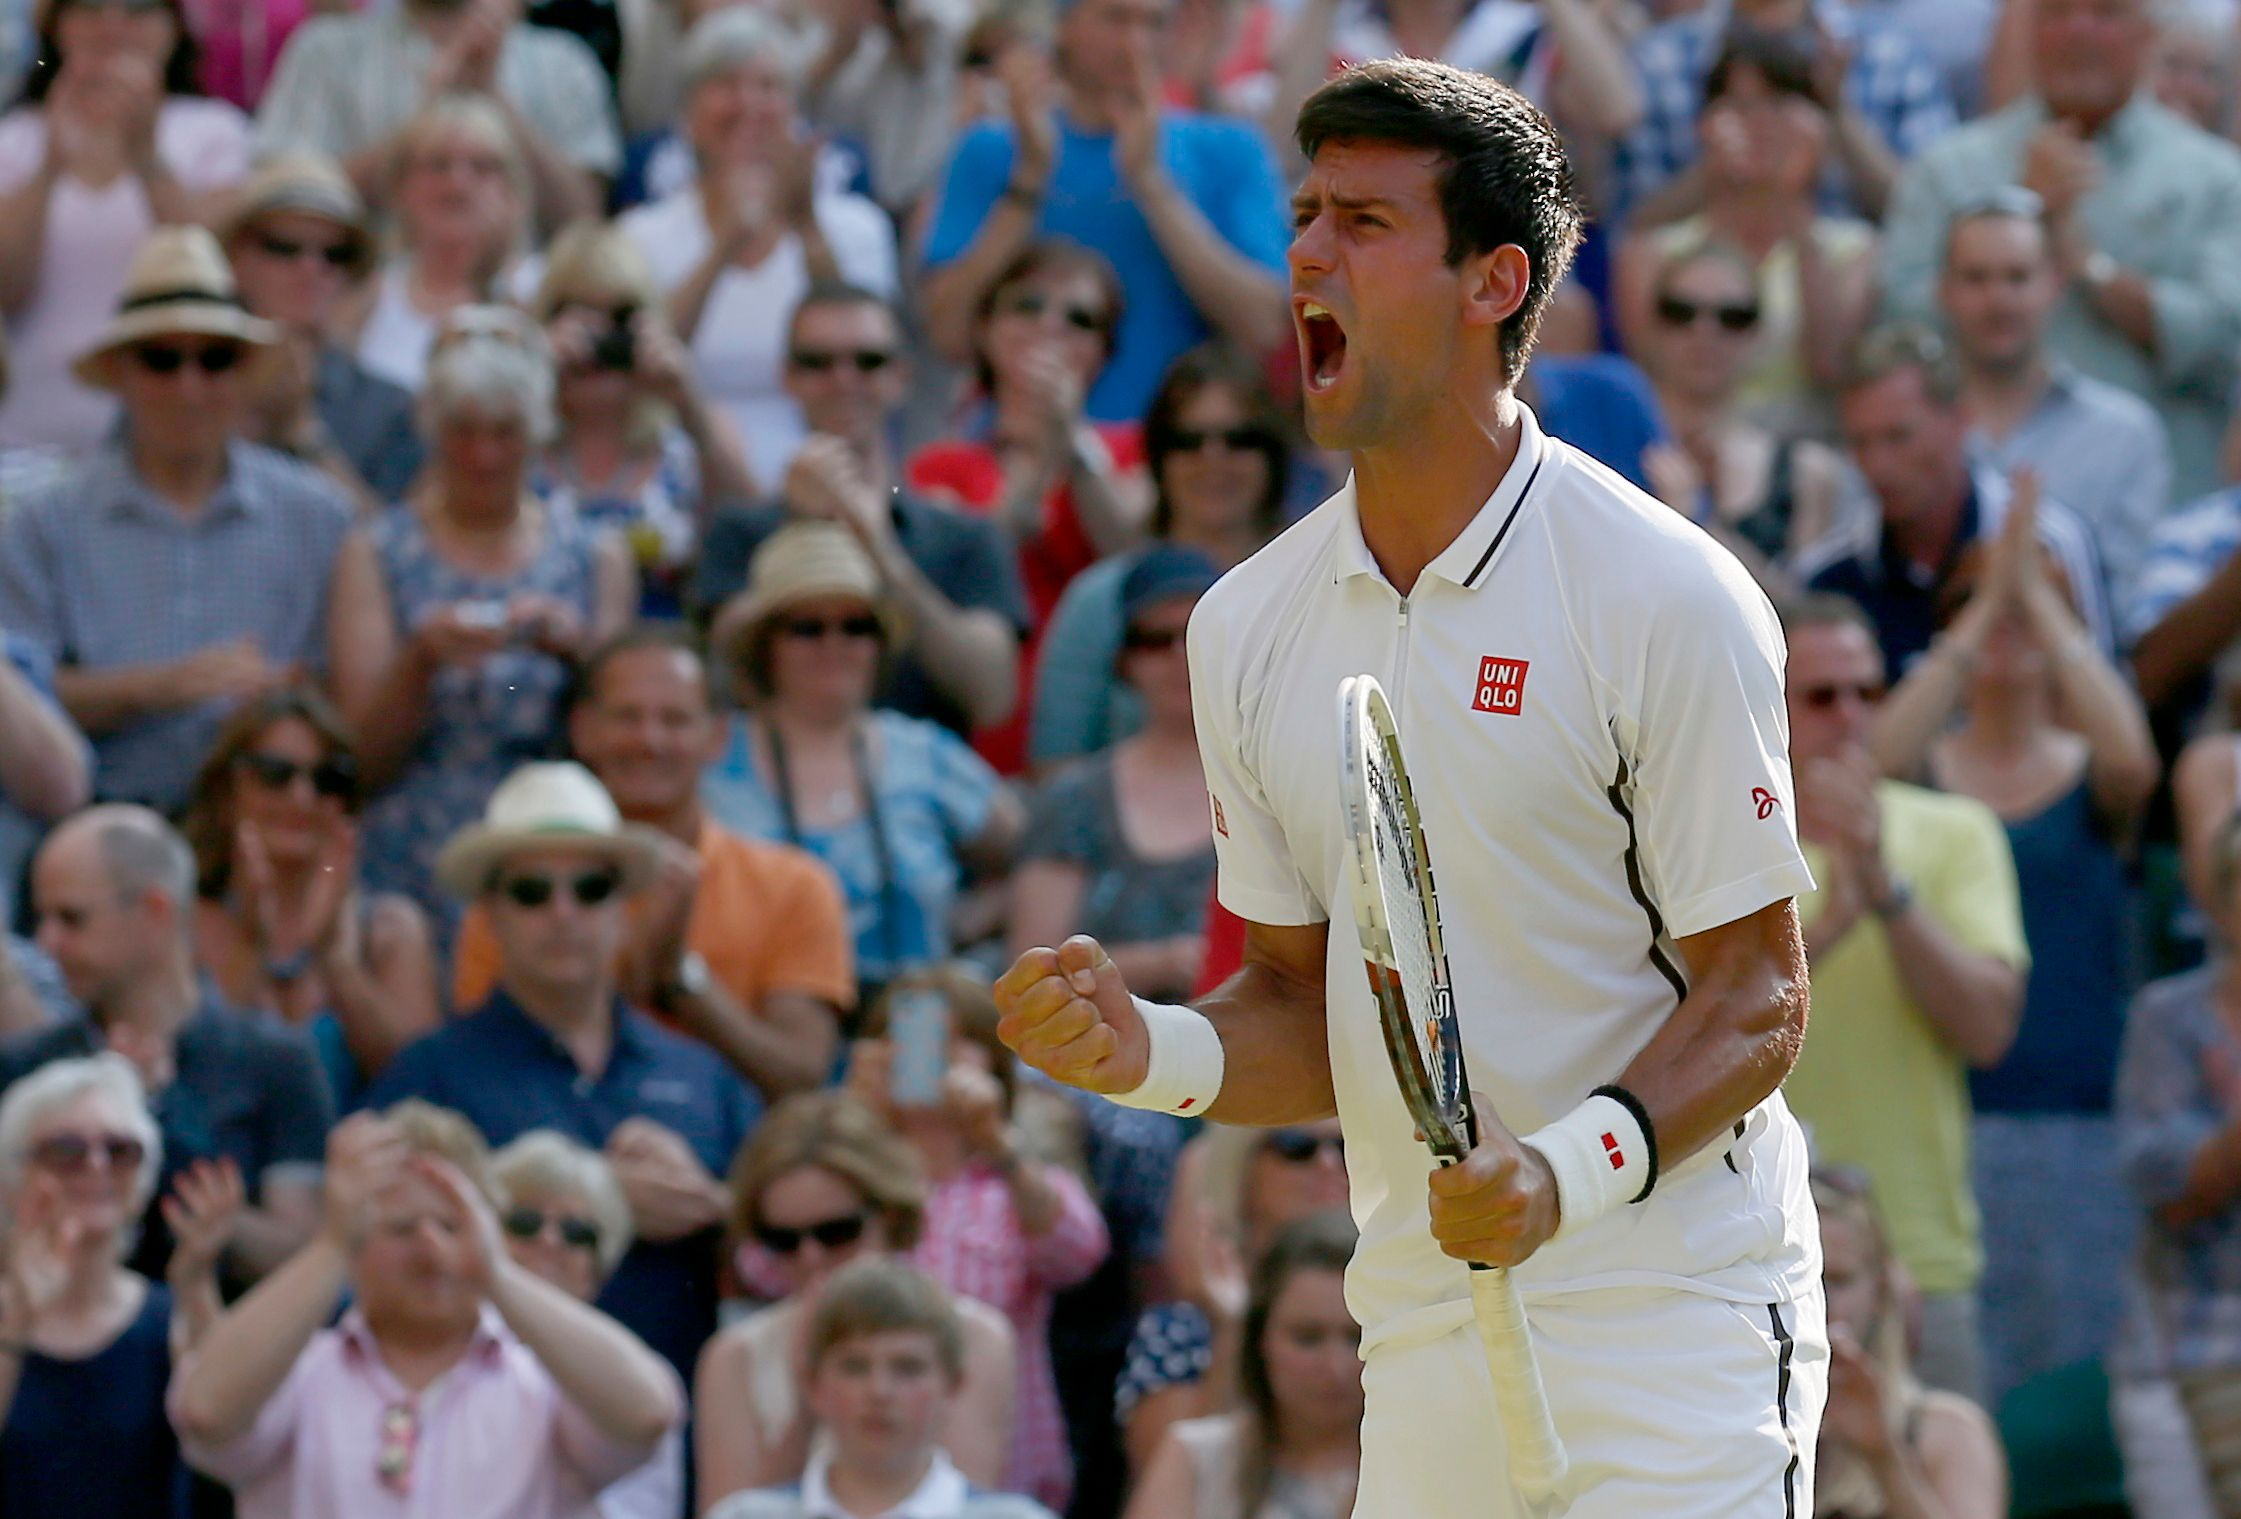 Novak Djokovic, numéro un mondial, fait évidemment partie des favoris de cette édition de l'US Open.